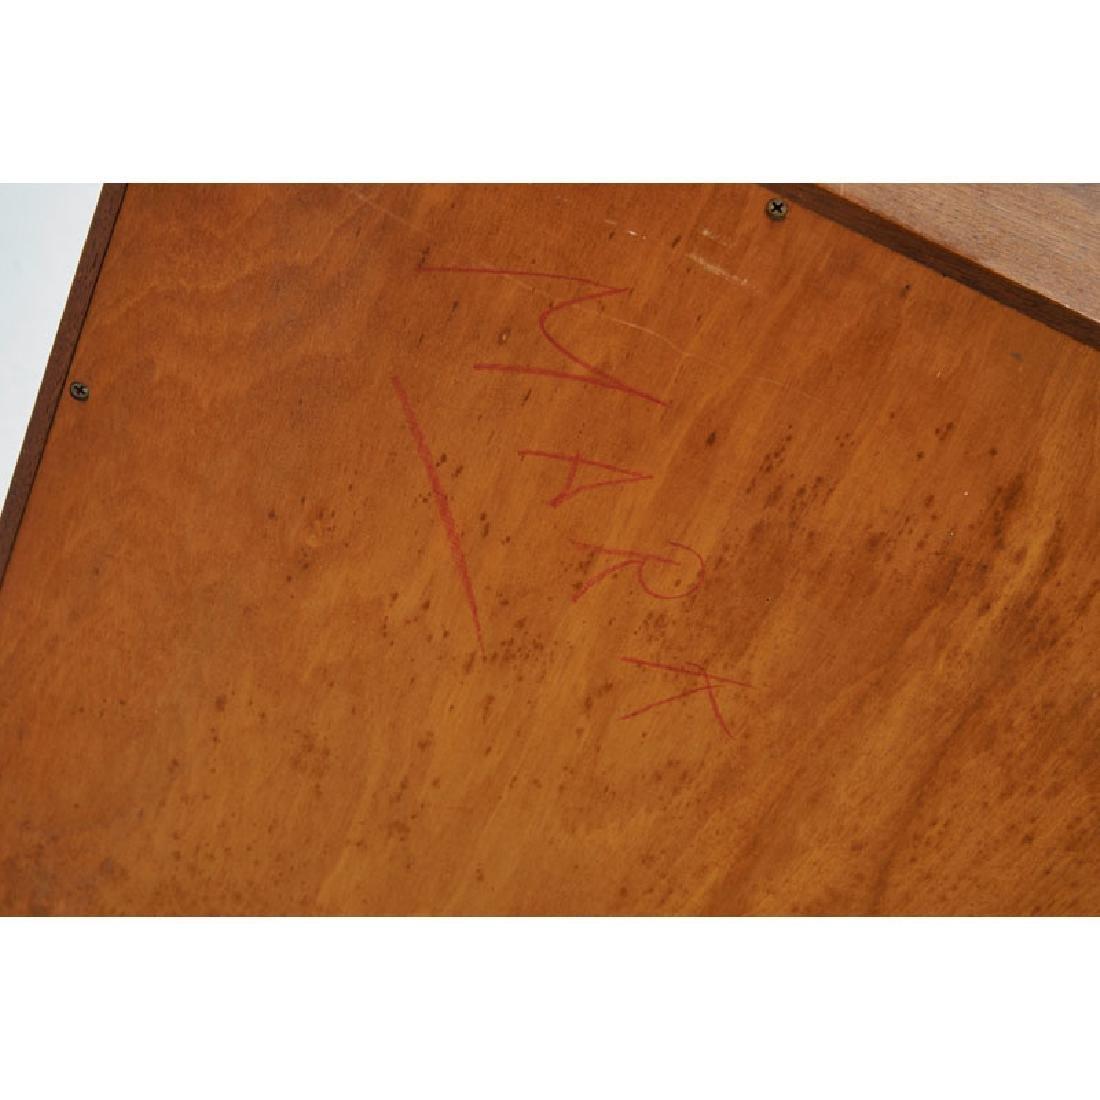 GEORGE NAKASHIMA Double dresser - 9